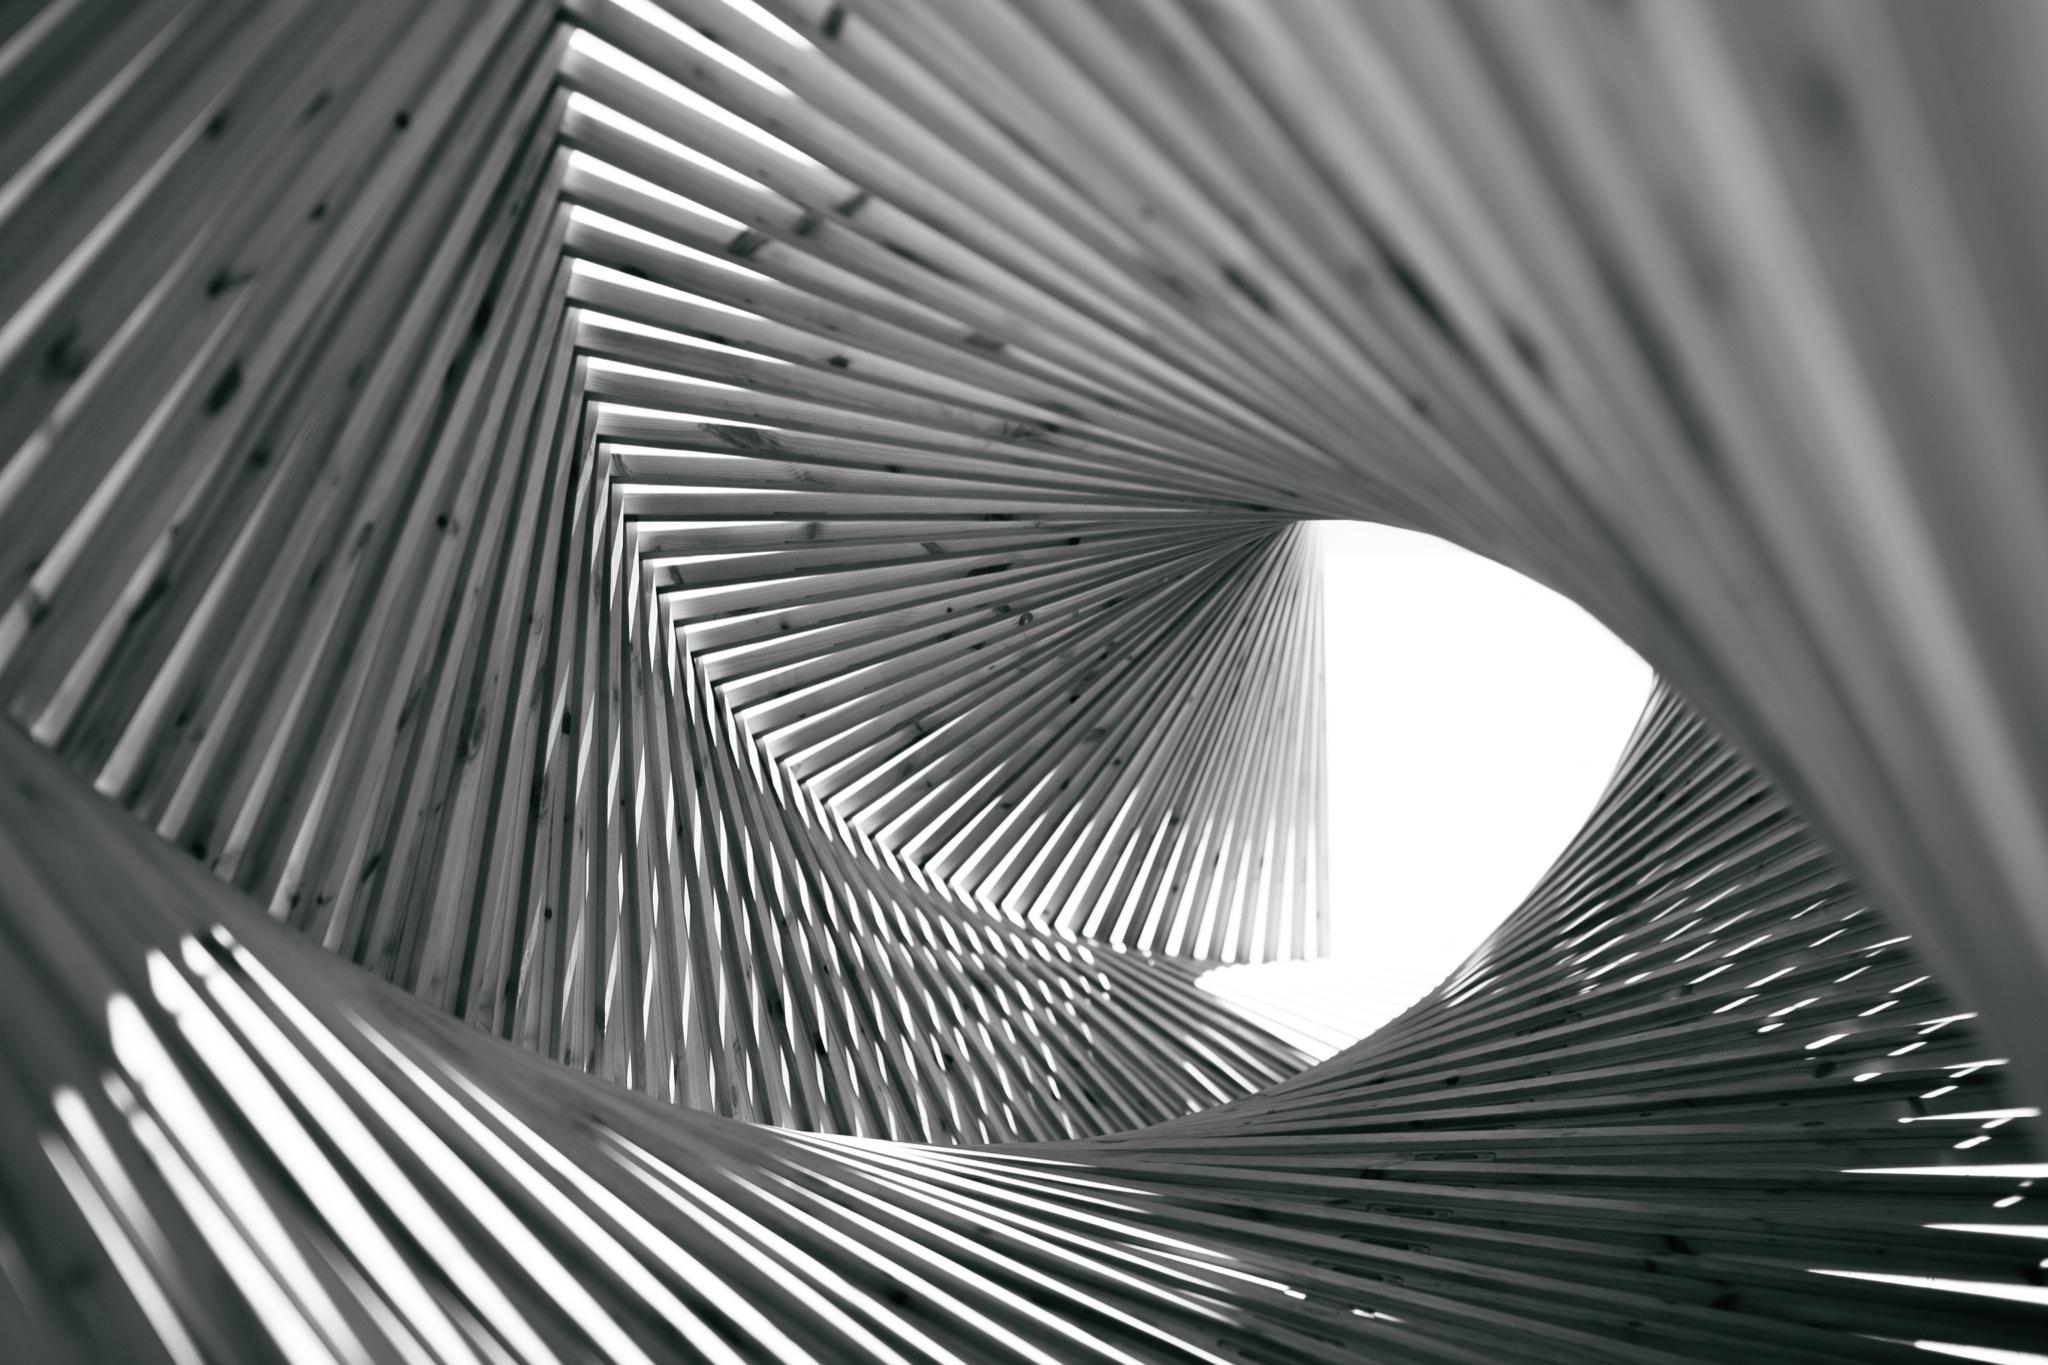 sculpturebythesea-33.jpg